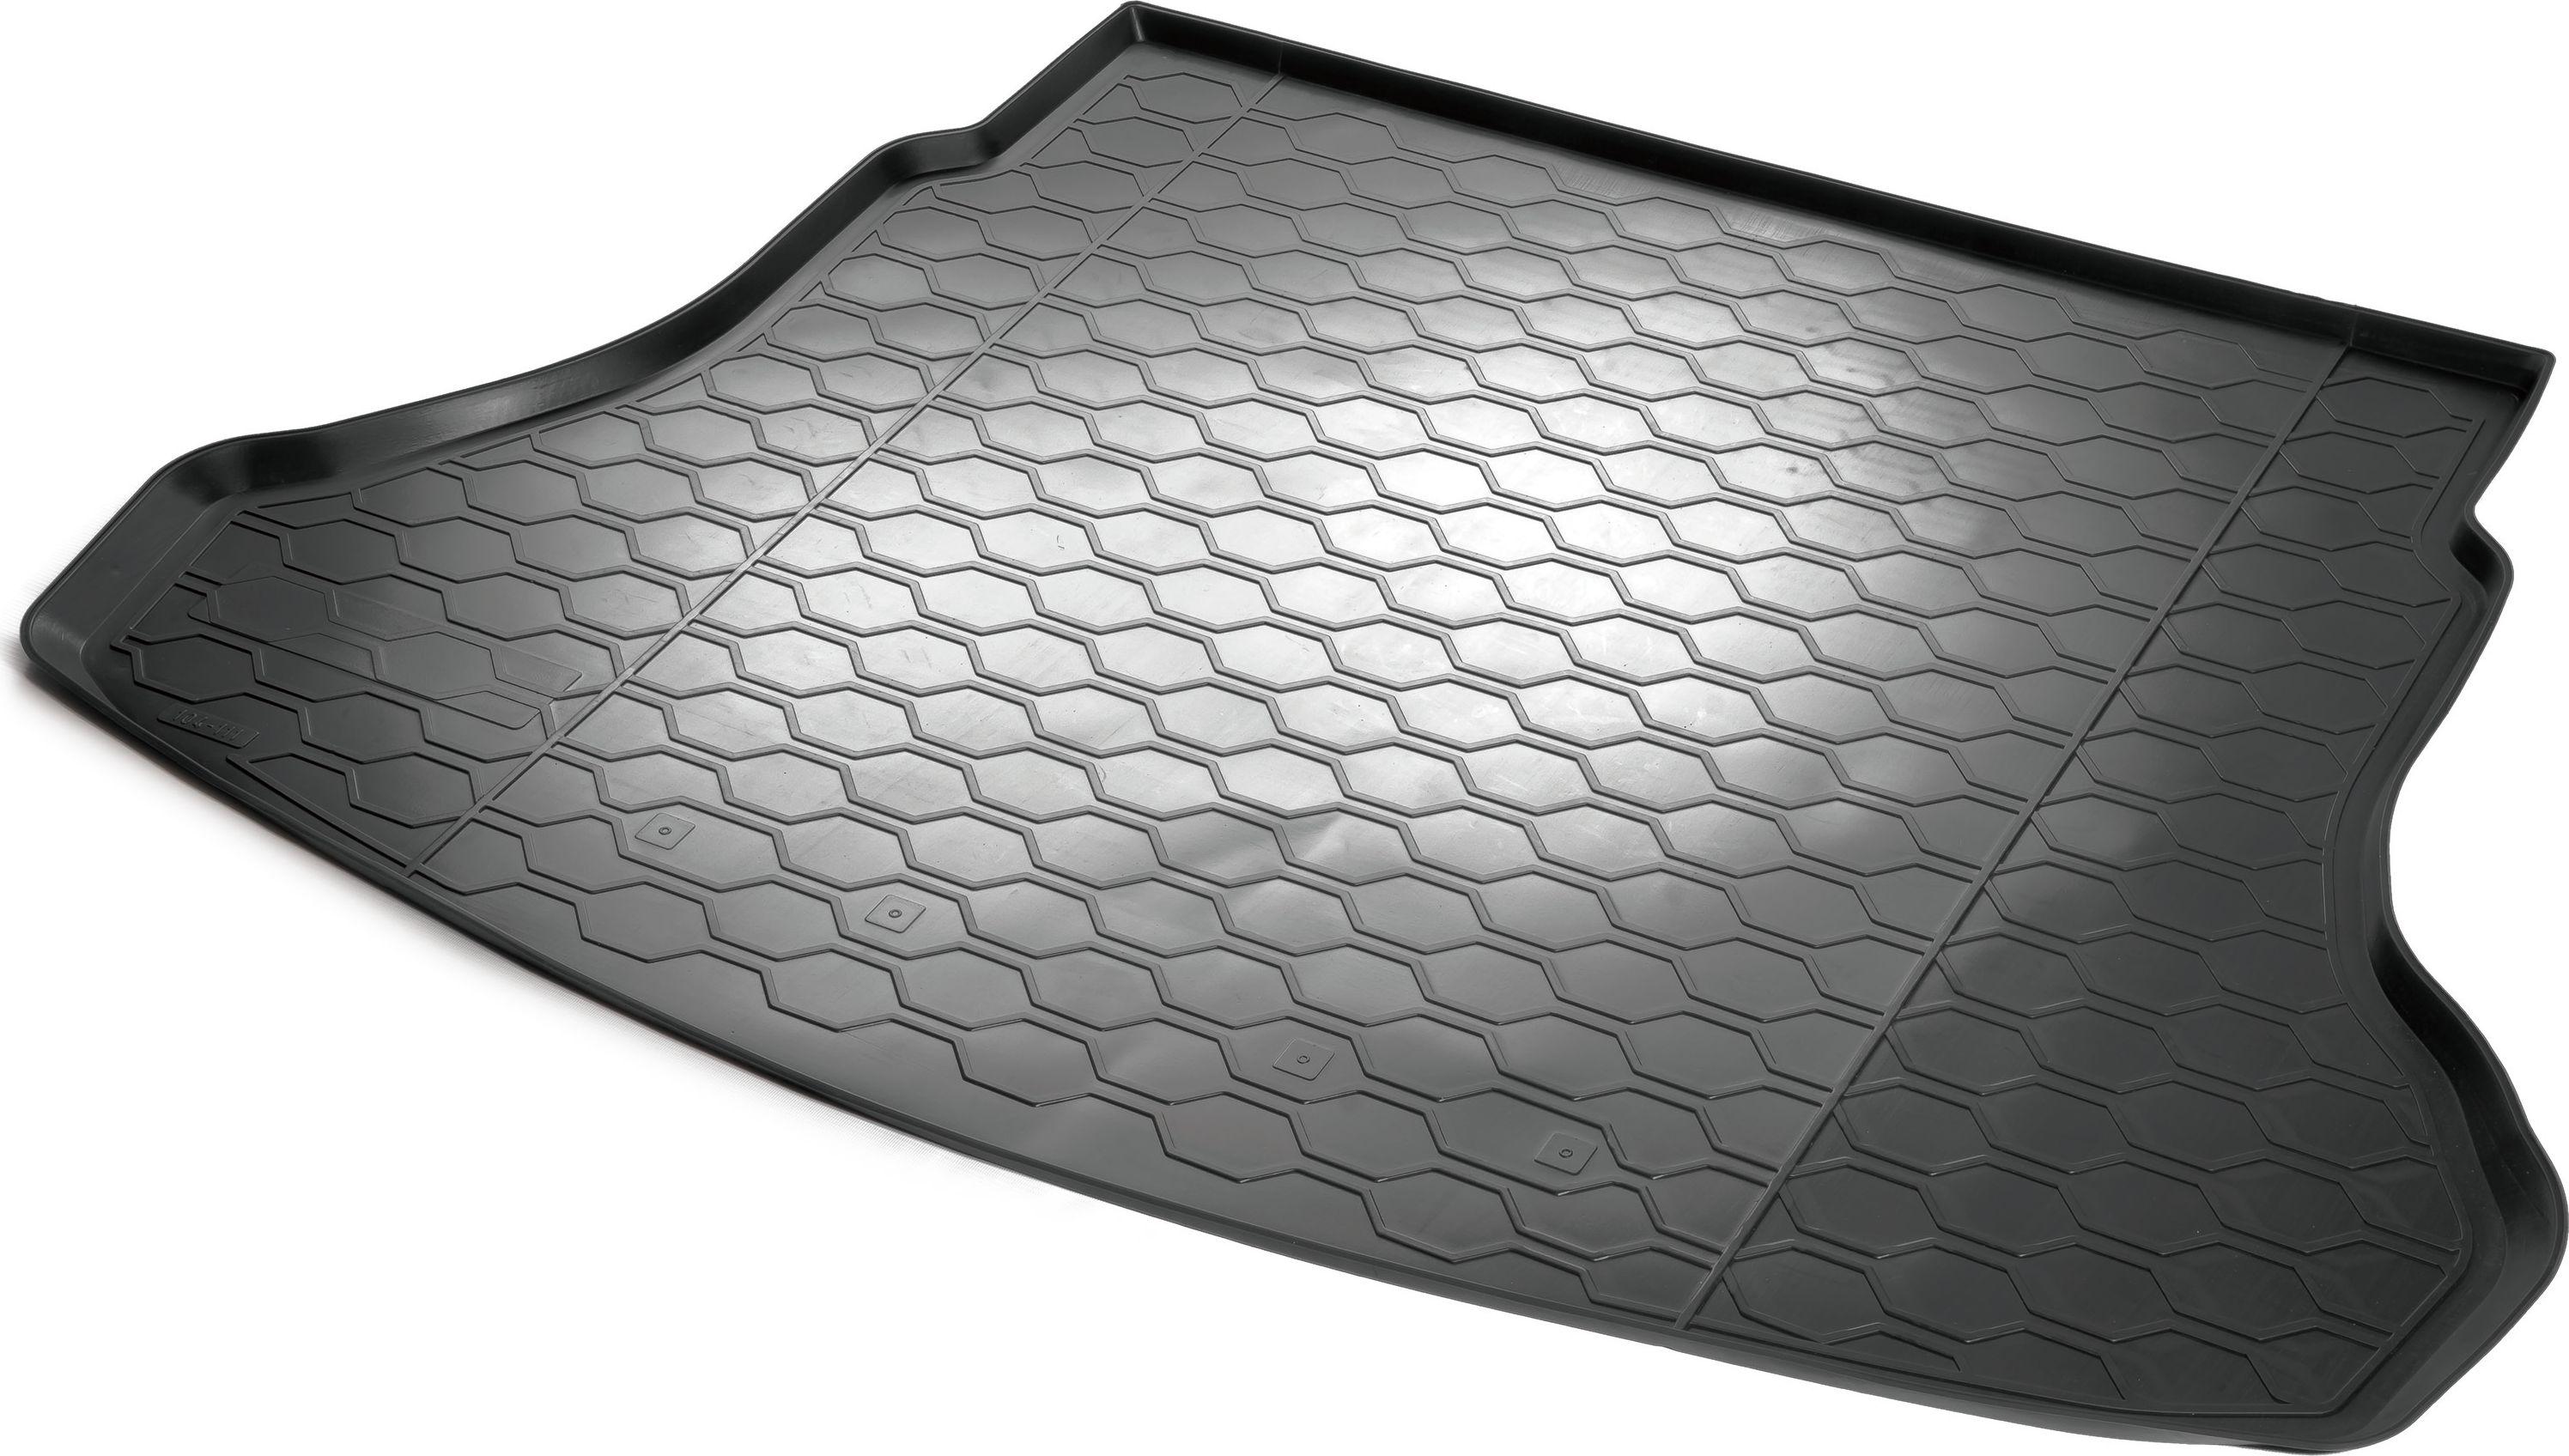 Коврик багажника Rival для Hyundai Solaris (SD) 2017-, полиуретан12305008Коврик багажника Rival позволяет надежно защитить и сохранить от грязи багажный отсек вашего автомобиля на протяжении всего срока эксплуатации, полностью повторяют геометрию багажника.- Высокий борт специальной конструкции препятствует попаданию разлитой жидкости и грязи на внутреннюю отделку.- Произведен из первичных материалов, в результате чего отсутствует неприятный запах в салоне автомобиля. - Рисунок обеспечивает противоскользящую поверхность, благодаря которой перевозимые предметы не перекатываются в багажном отделении, а остаются на своих местах.- Высокая эластичность, можно беспрепятственно эксплуатировать при температуре от -45°C до +45°C.- Коврик изготовлен из высококачественного и экологичного материала, не подверженного воздействию кислот, щелочей и нефтепродуктов. Уважаемые клиенты! Обращаем ваше внимание, что коврик имеет форму, соответствующую модели данного автомобиля. Фото служит для визуального восприятия товара.